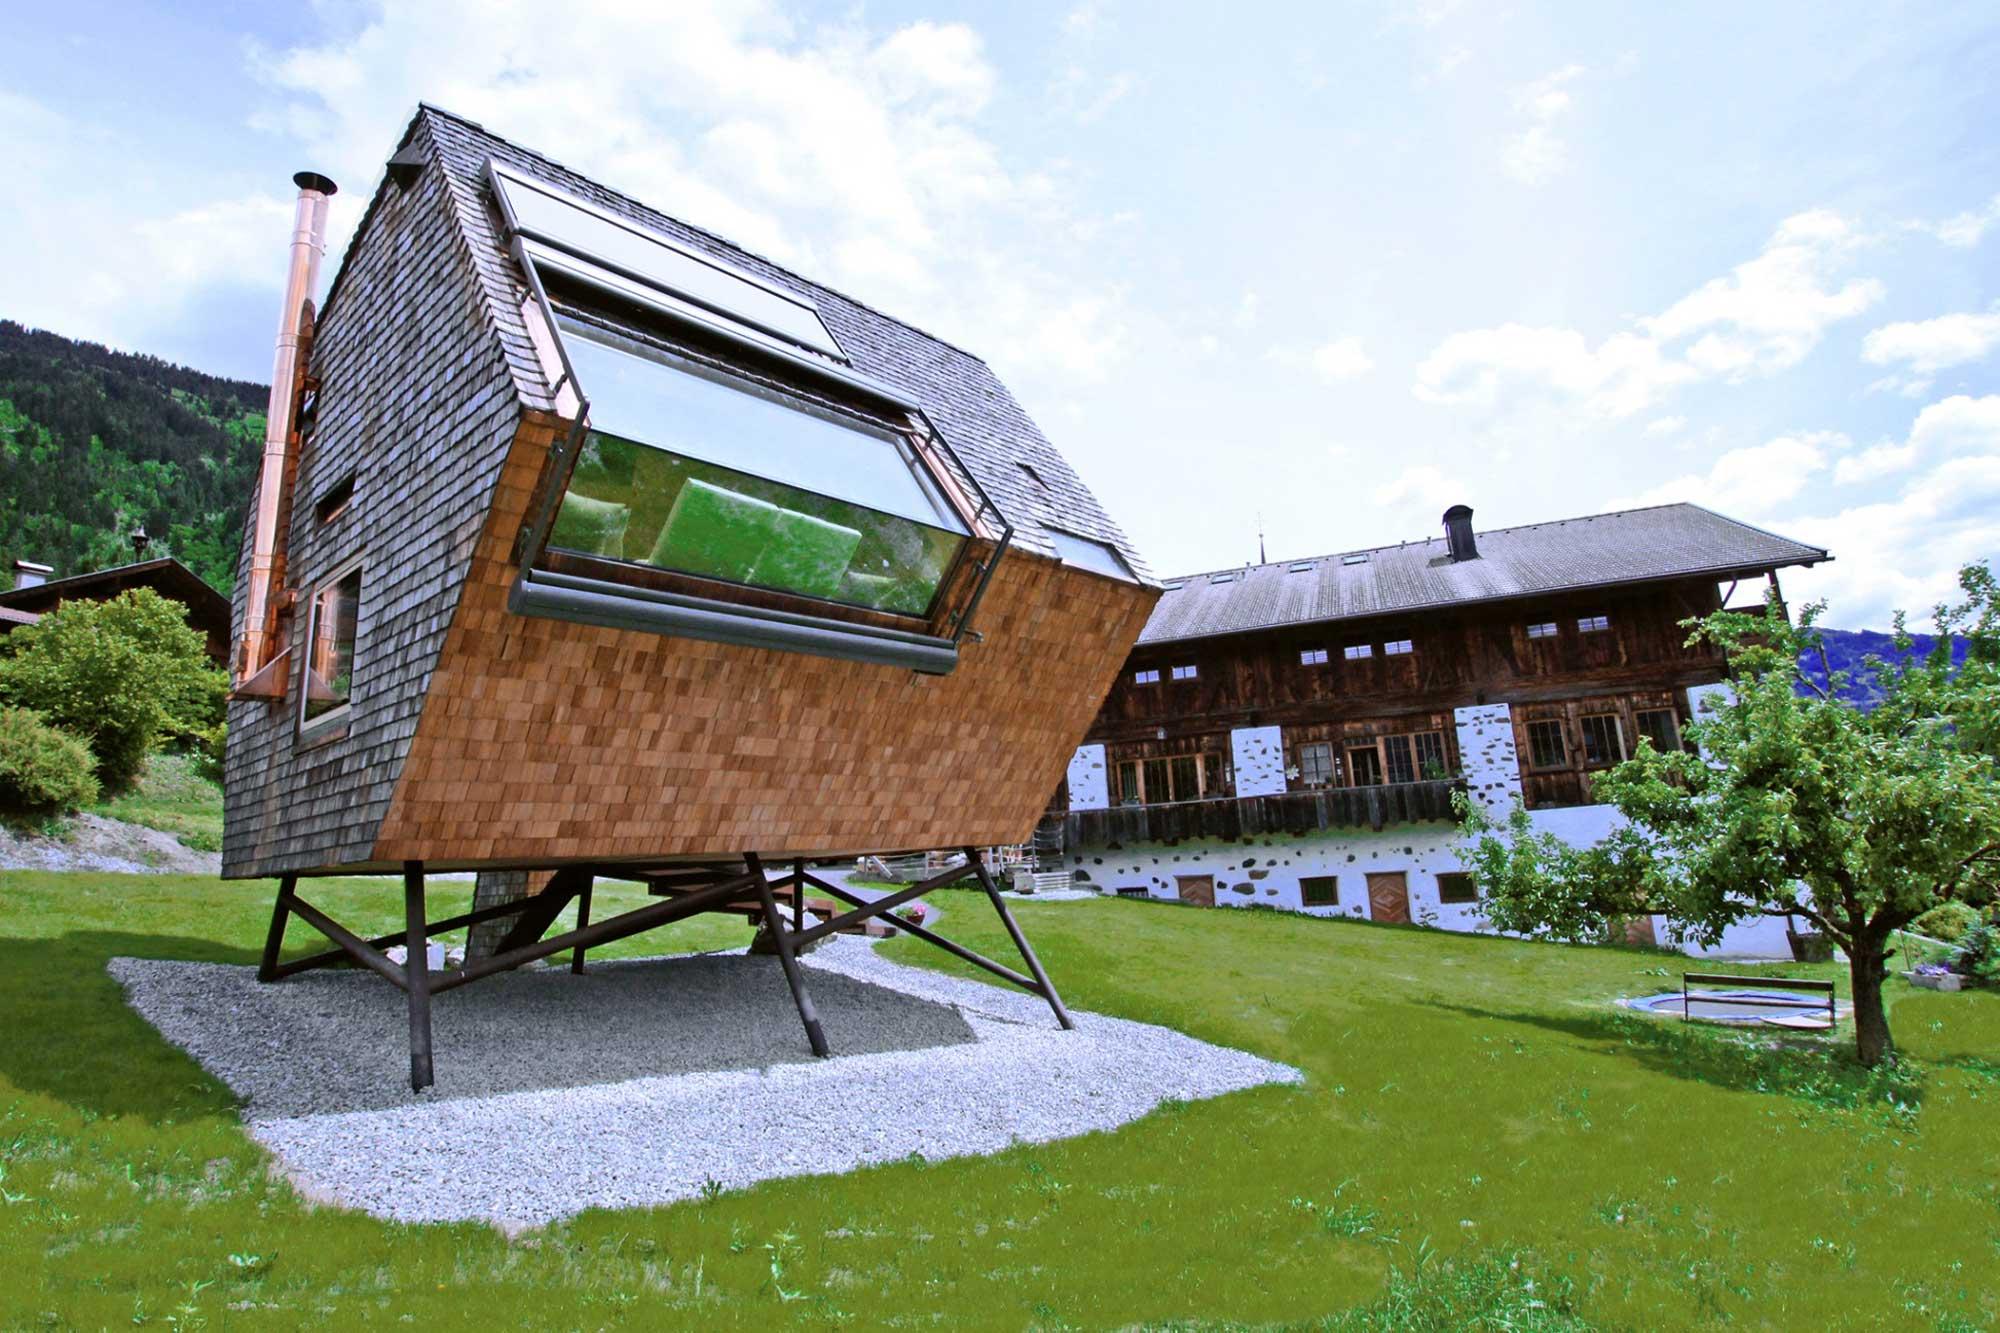 Veličina (ni)je bitna - Najmanji apartmani i kuće za odmor na svijetu Ufogel Austrija